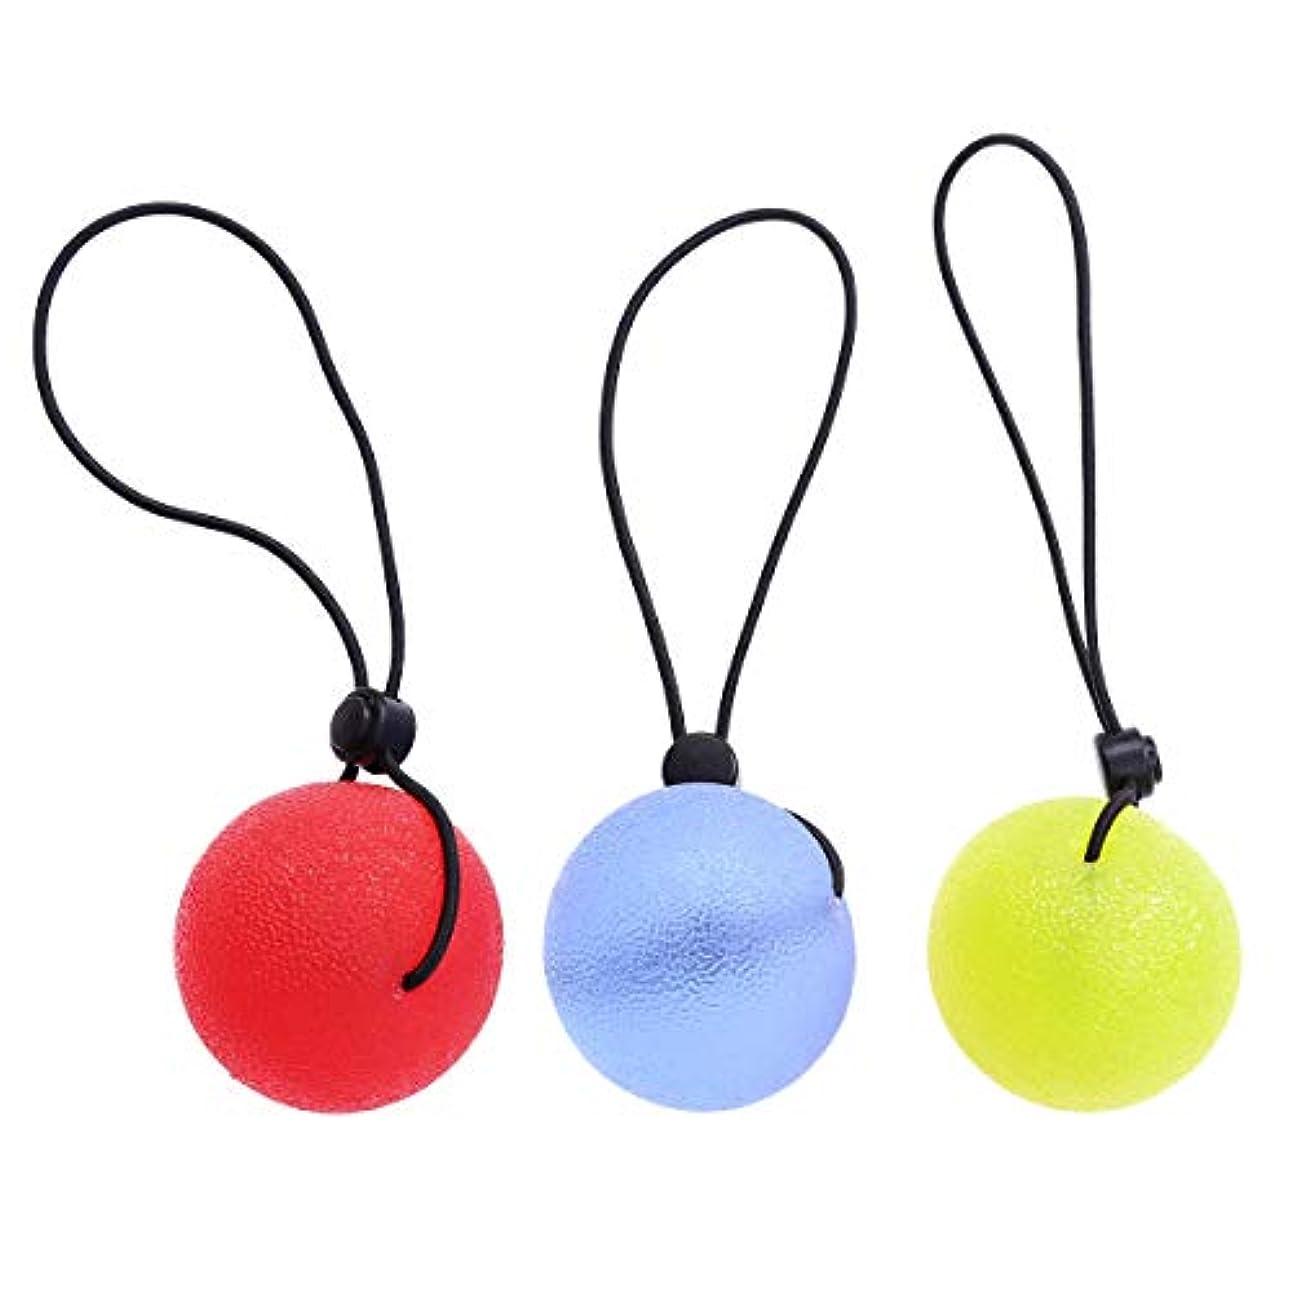 暗黙ゾーン宿命SUPVOX 3個シリコーングリップボールハンドエクササイズボールハンドセラピー強化剤トレーナー